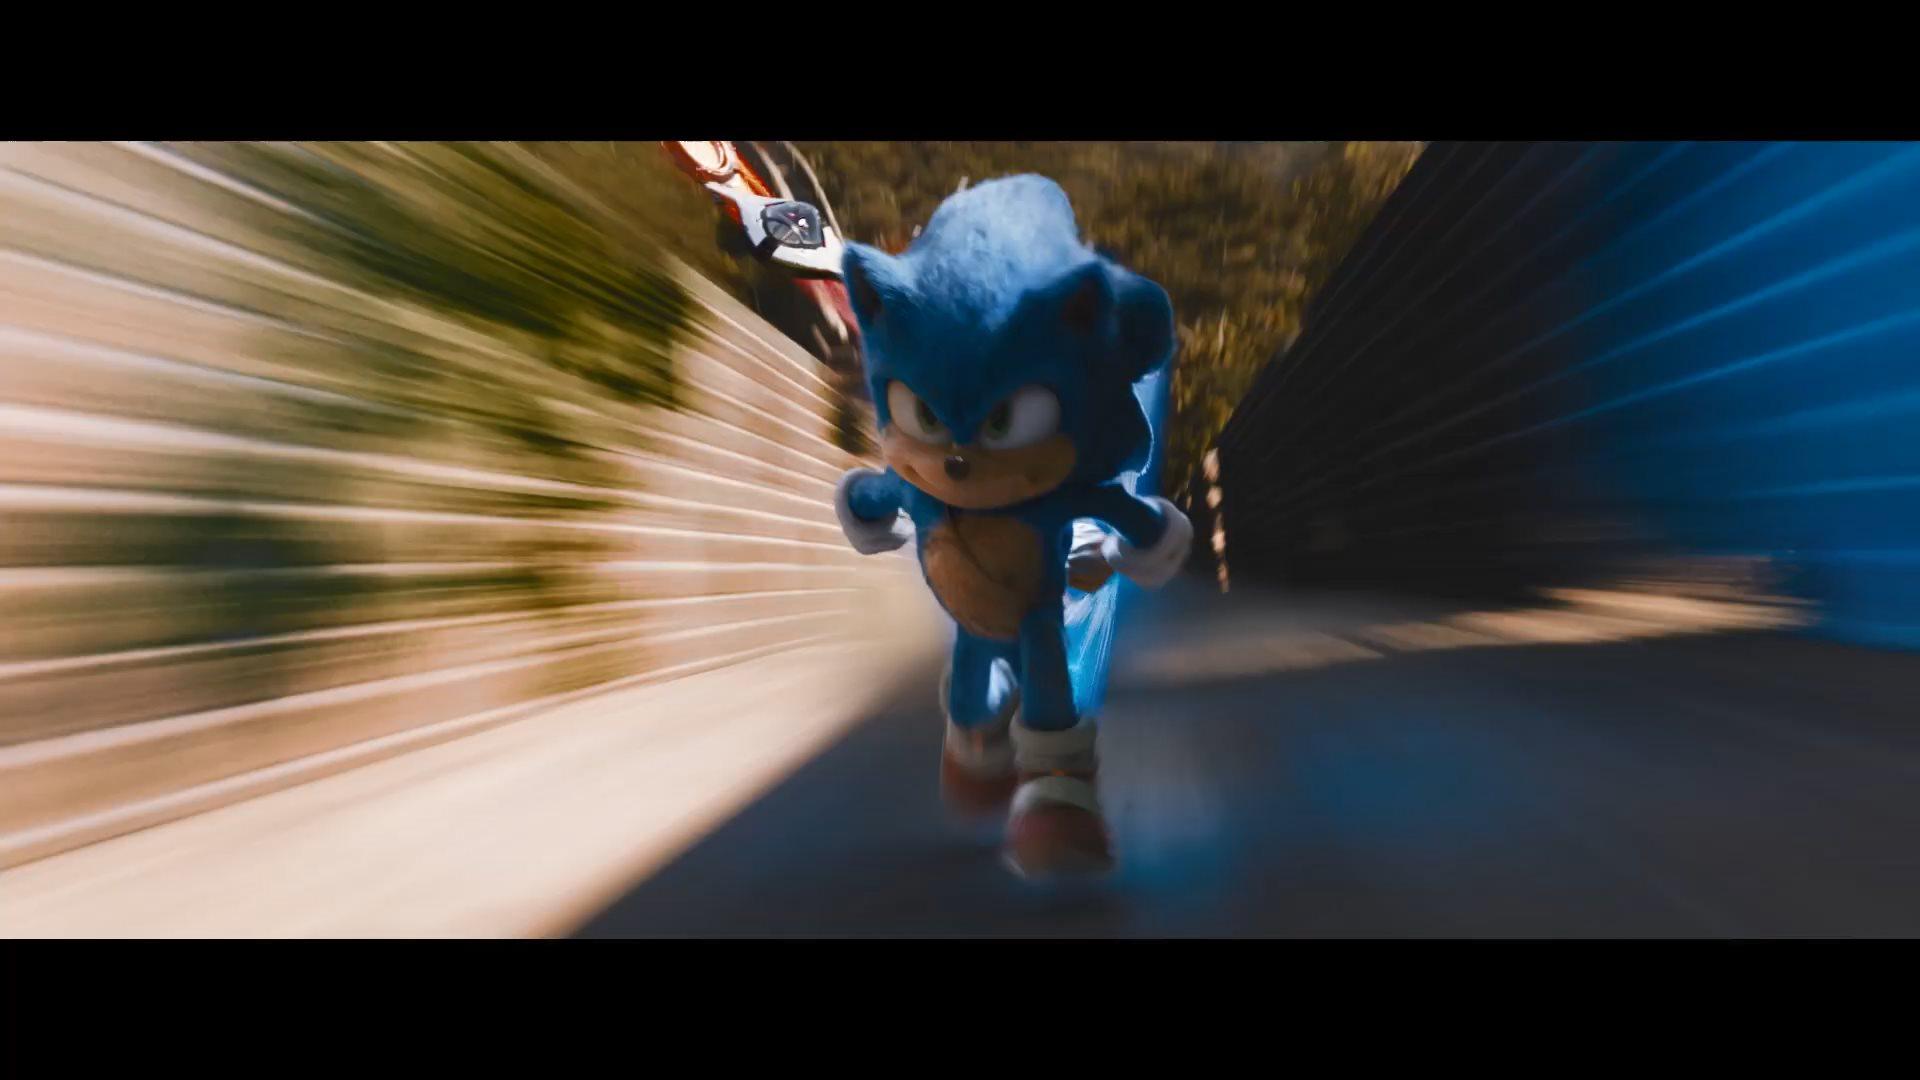 《刺猬索尼克》全新预告公开 音速小子回归游戏形象